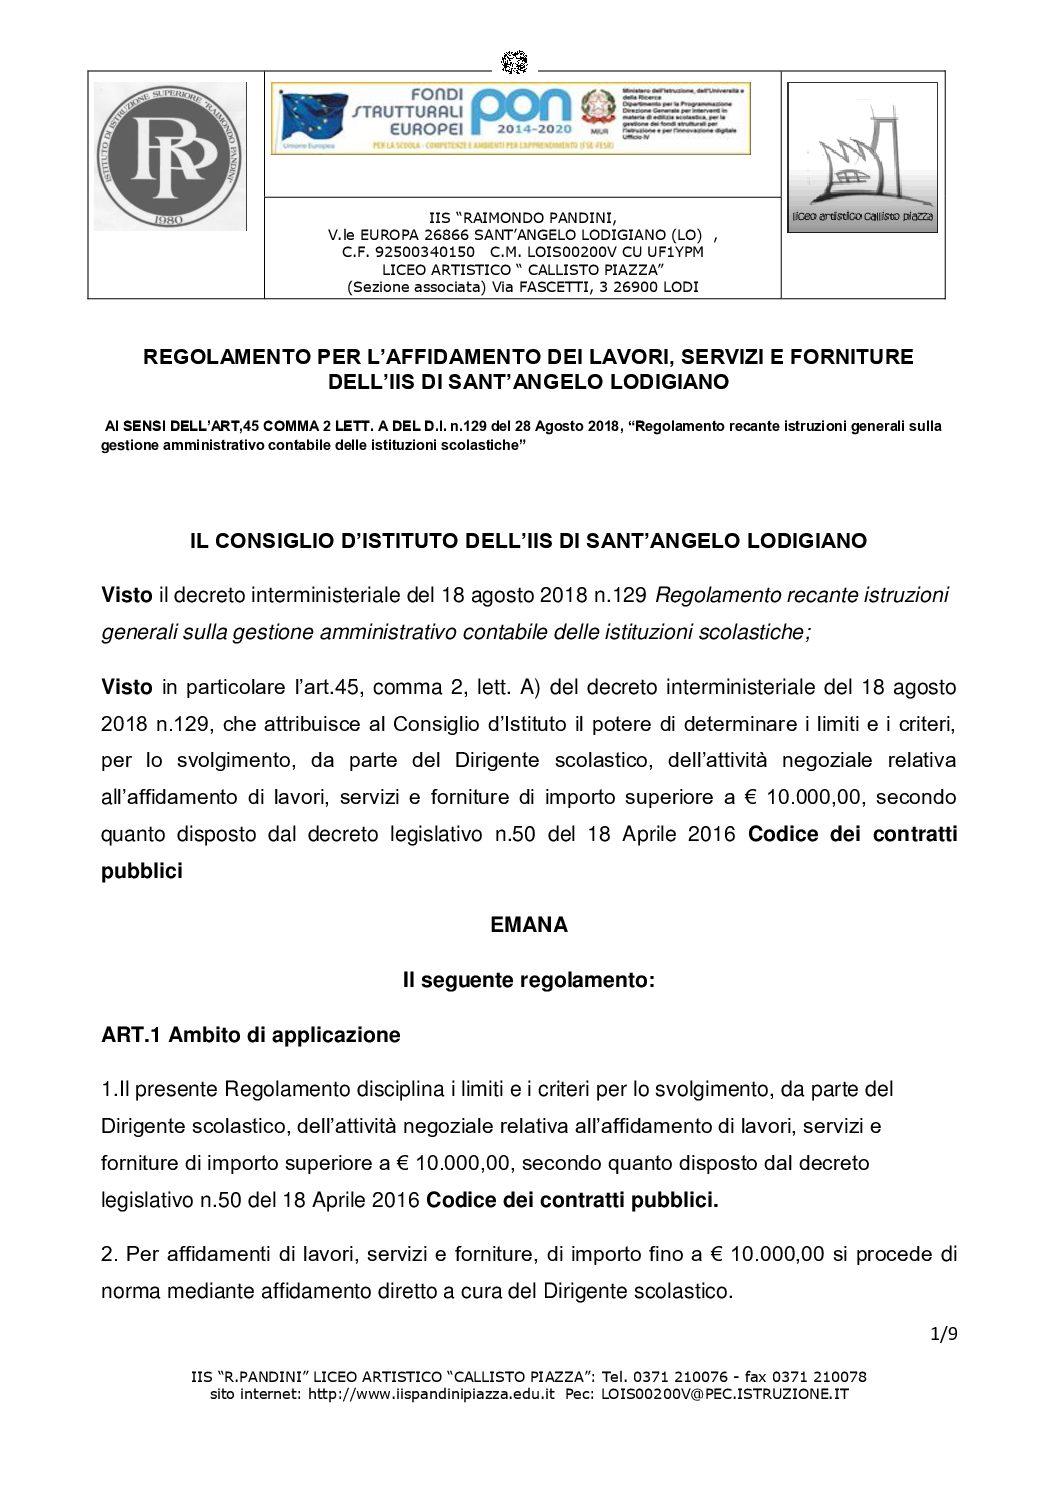 REGOLAMENTO PER L'AFFIDAMENTO DEI LAVORI, SERVIZI E FORNITURE